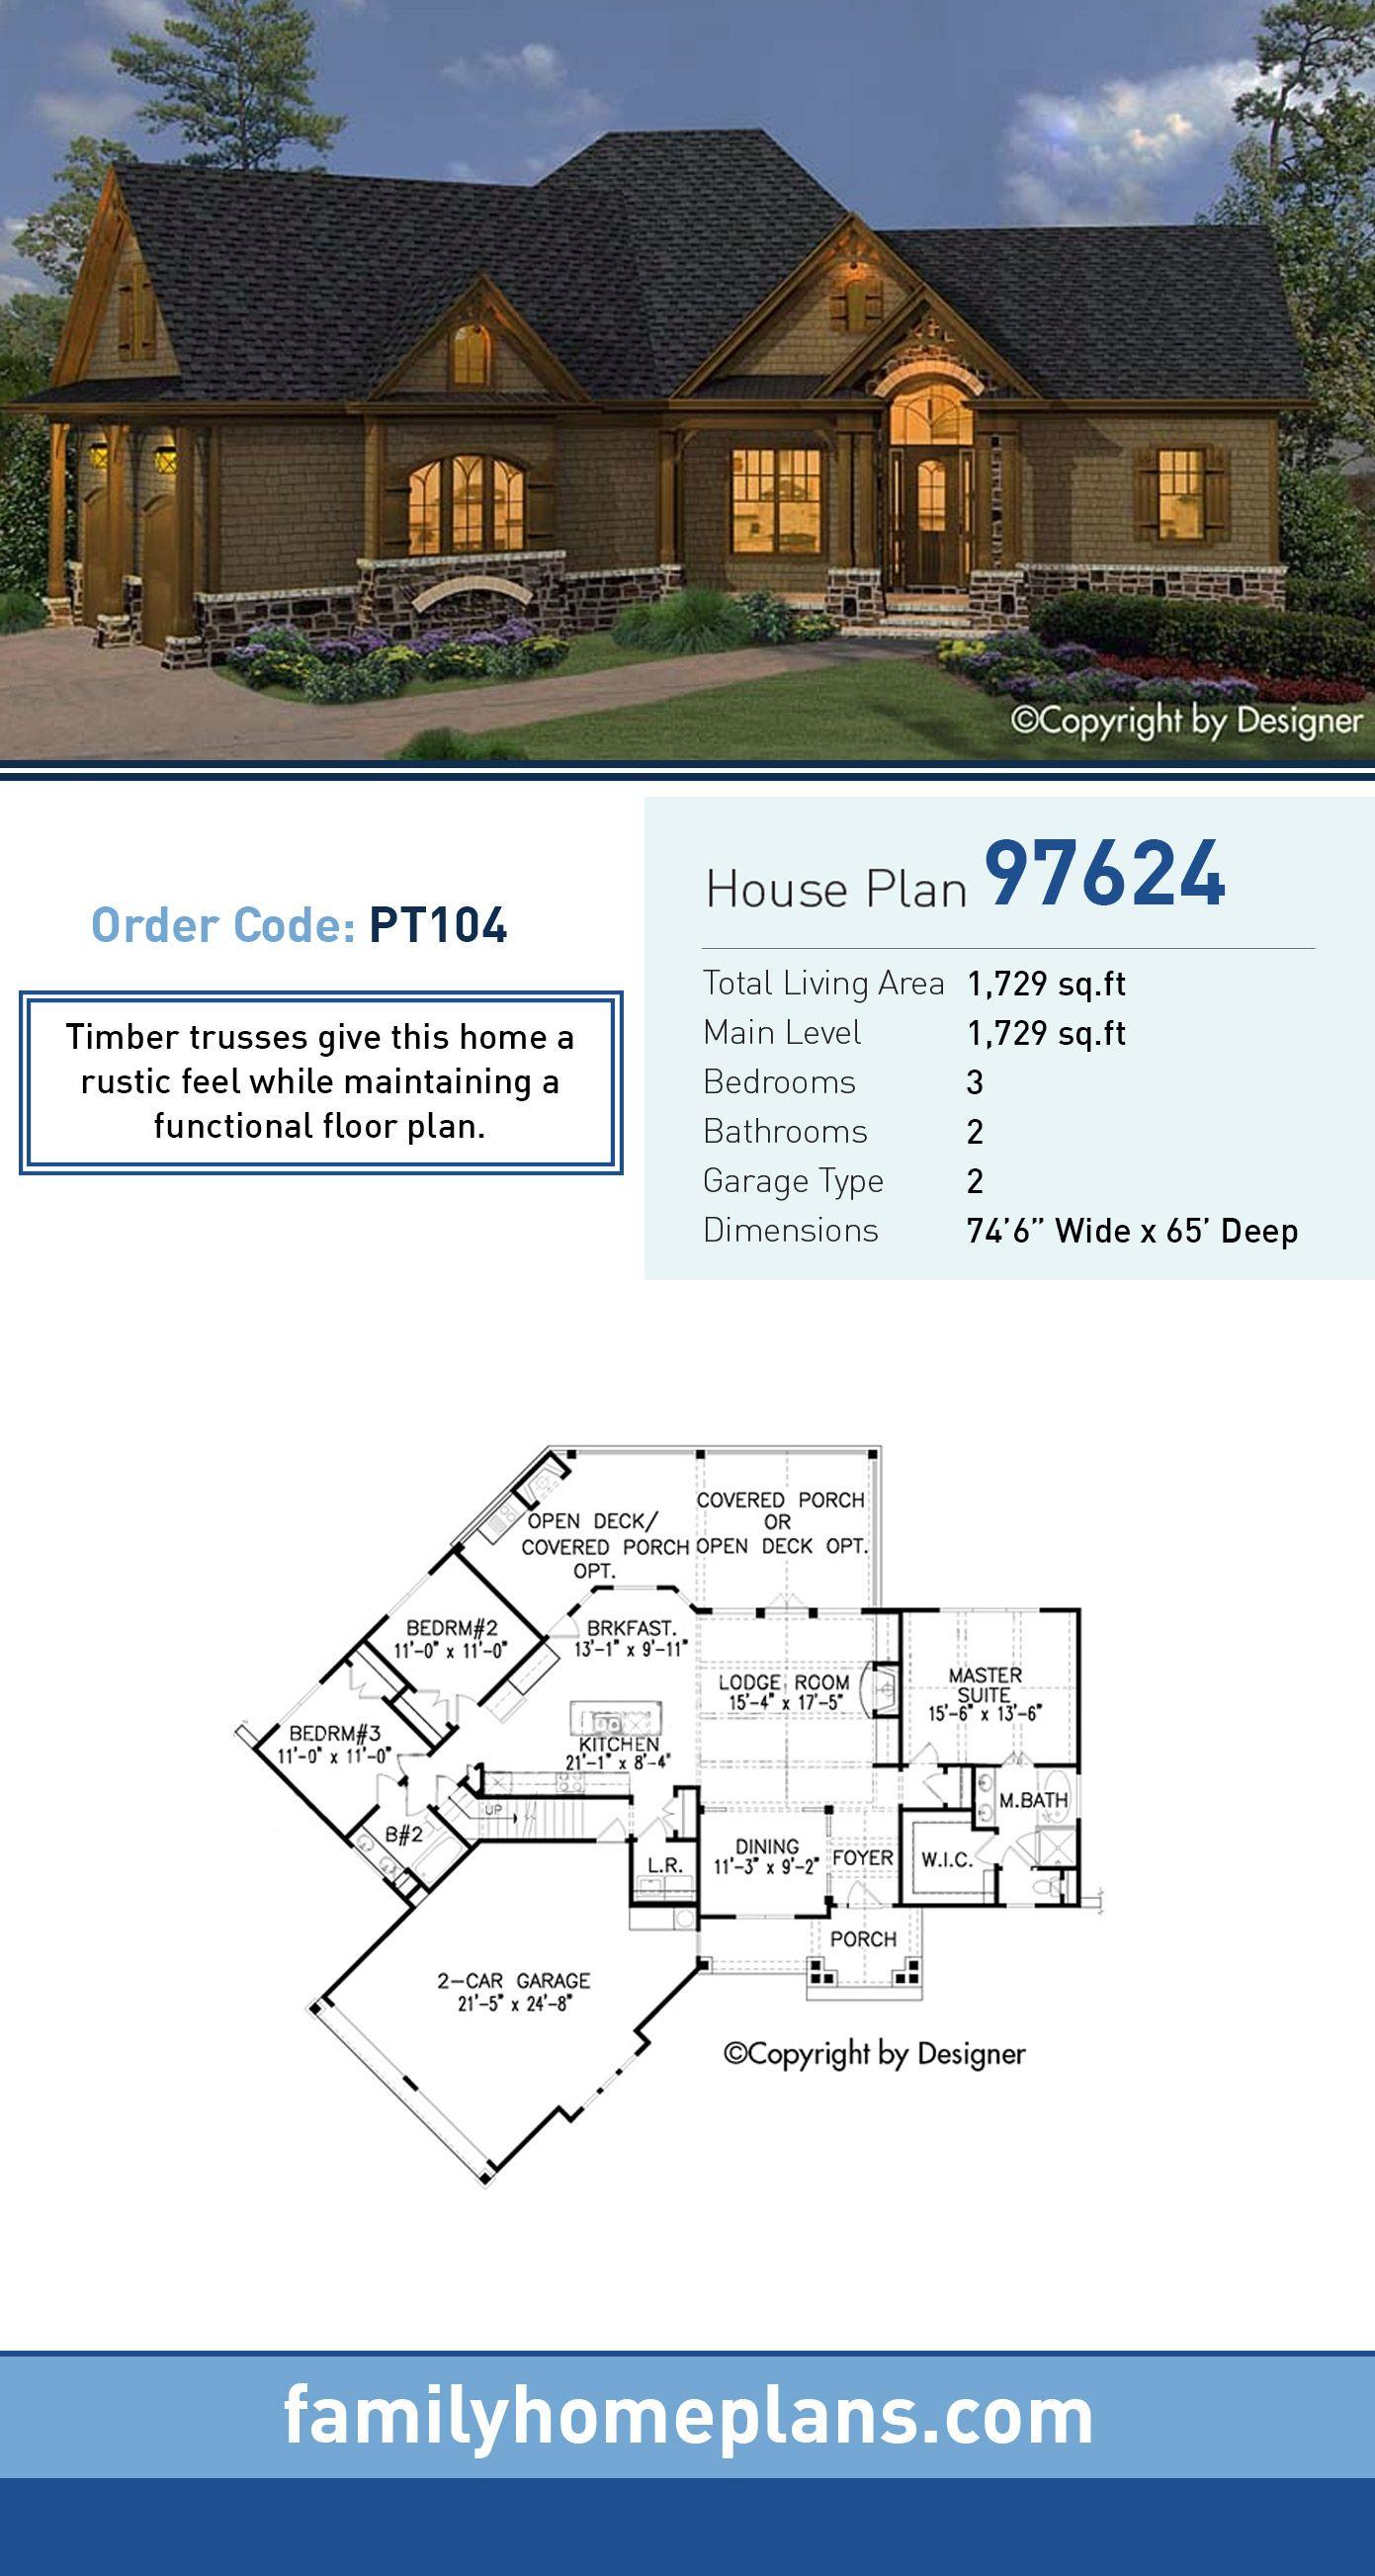 Craftsman House Plan 97624 Total Living